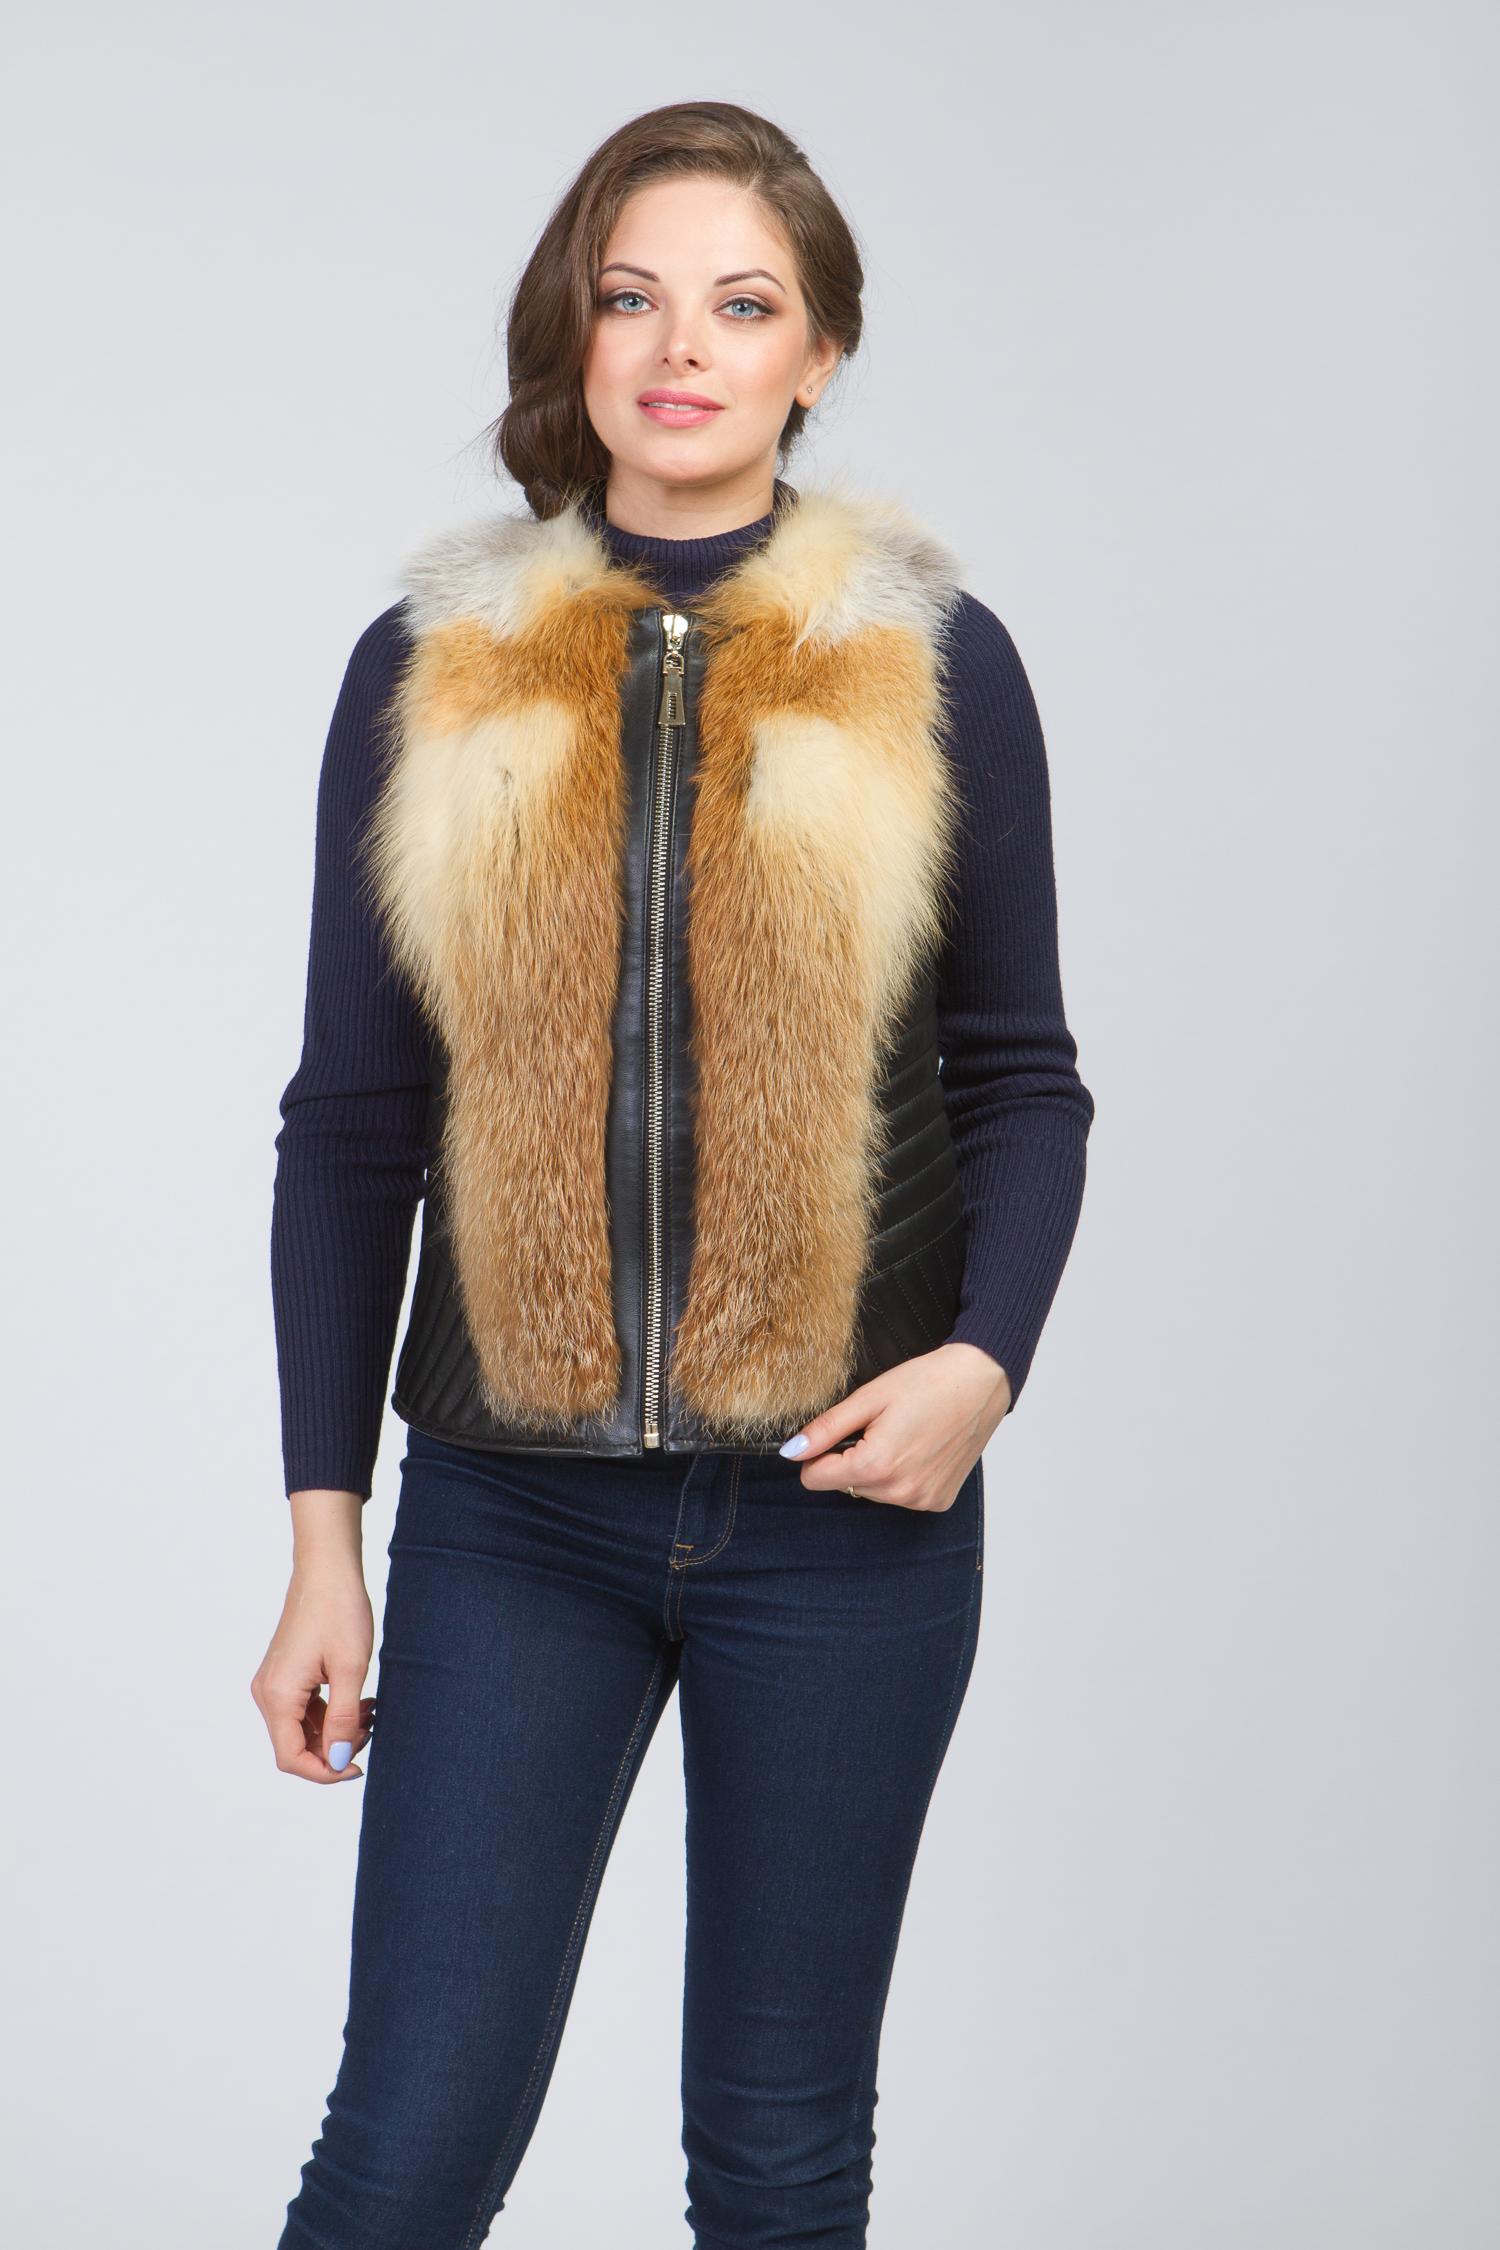 Женская кожаная куртка из натуральной кожи без воротника, отделка лиса